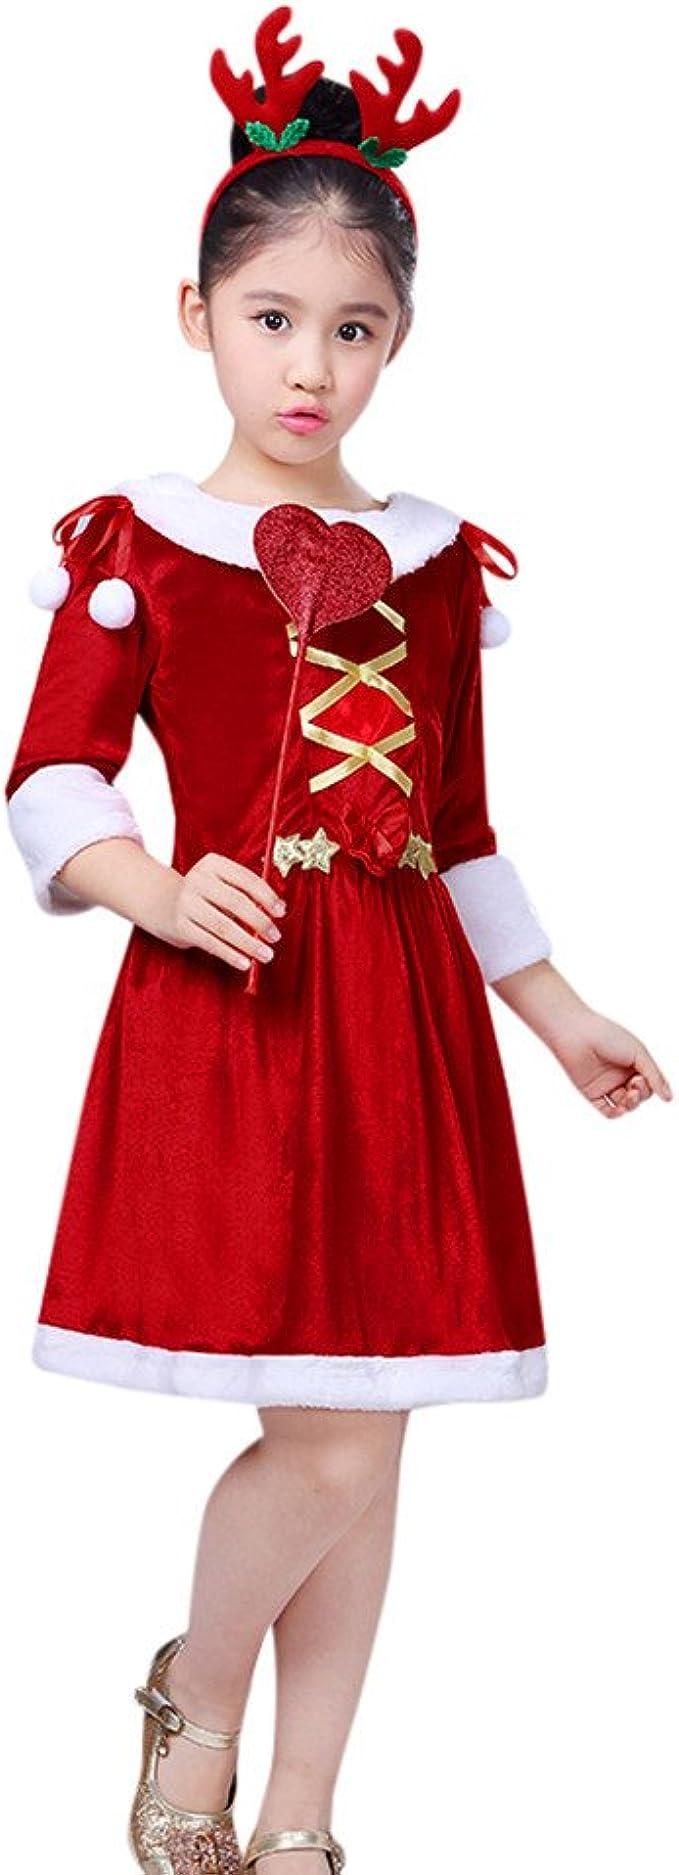 Disfraz Navidad Niña 4-5 años Vestido + Diadema + Varita mágica ...